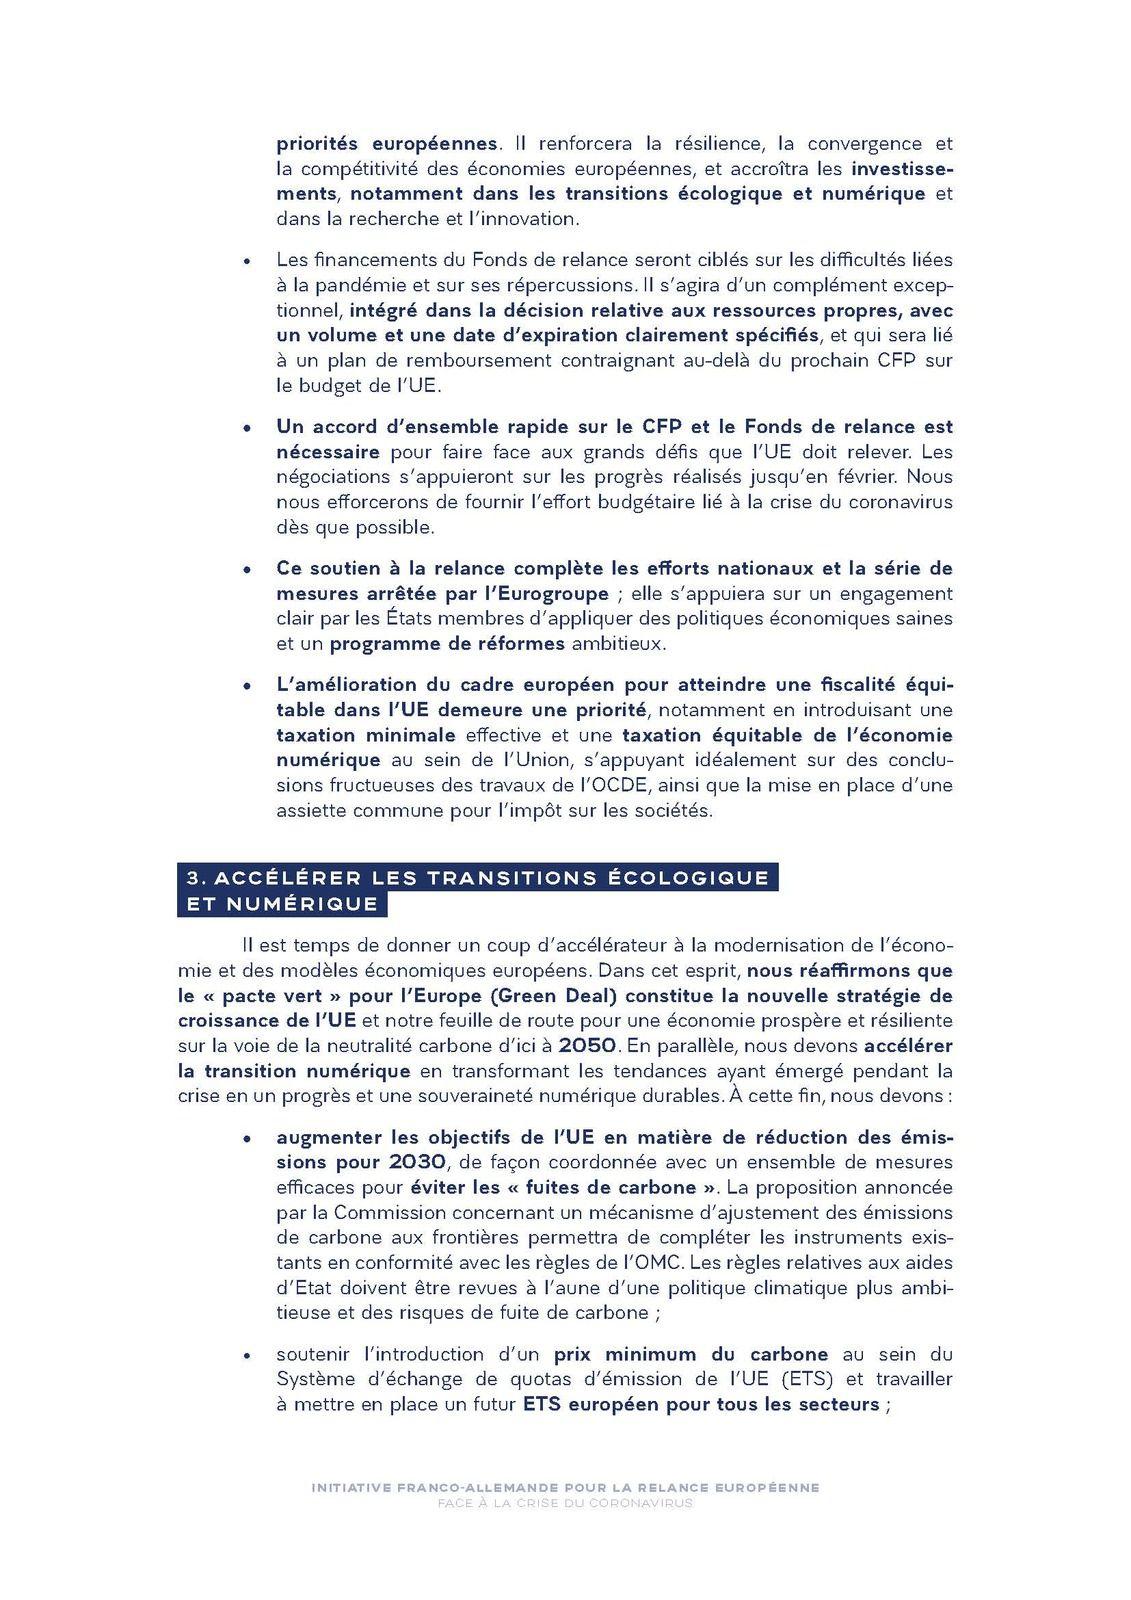 Initiative Franco-Allemande pour la relance européenne face à la crise du coronavirus